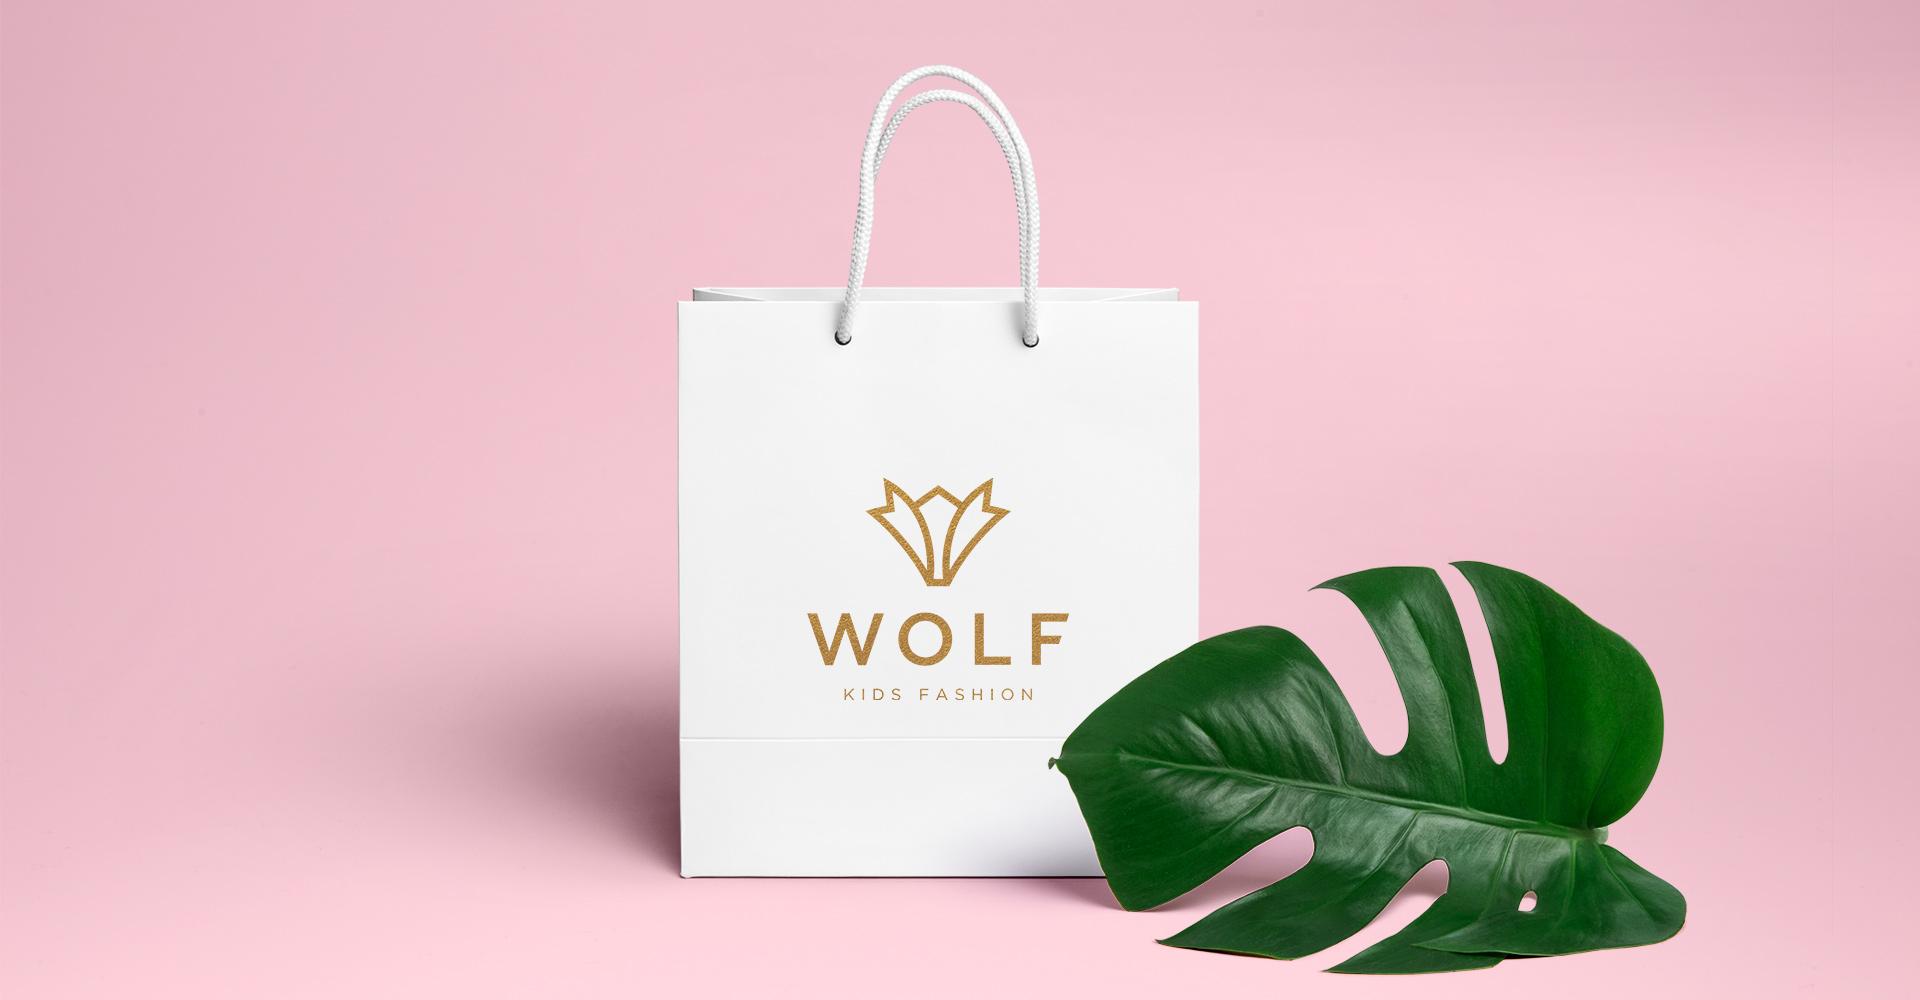 Dizajn i izrada kese za Wolf fashion dečiju kolekciju